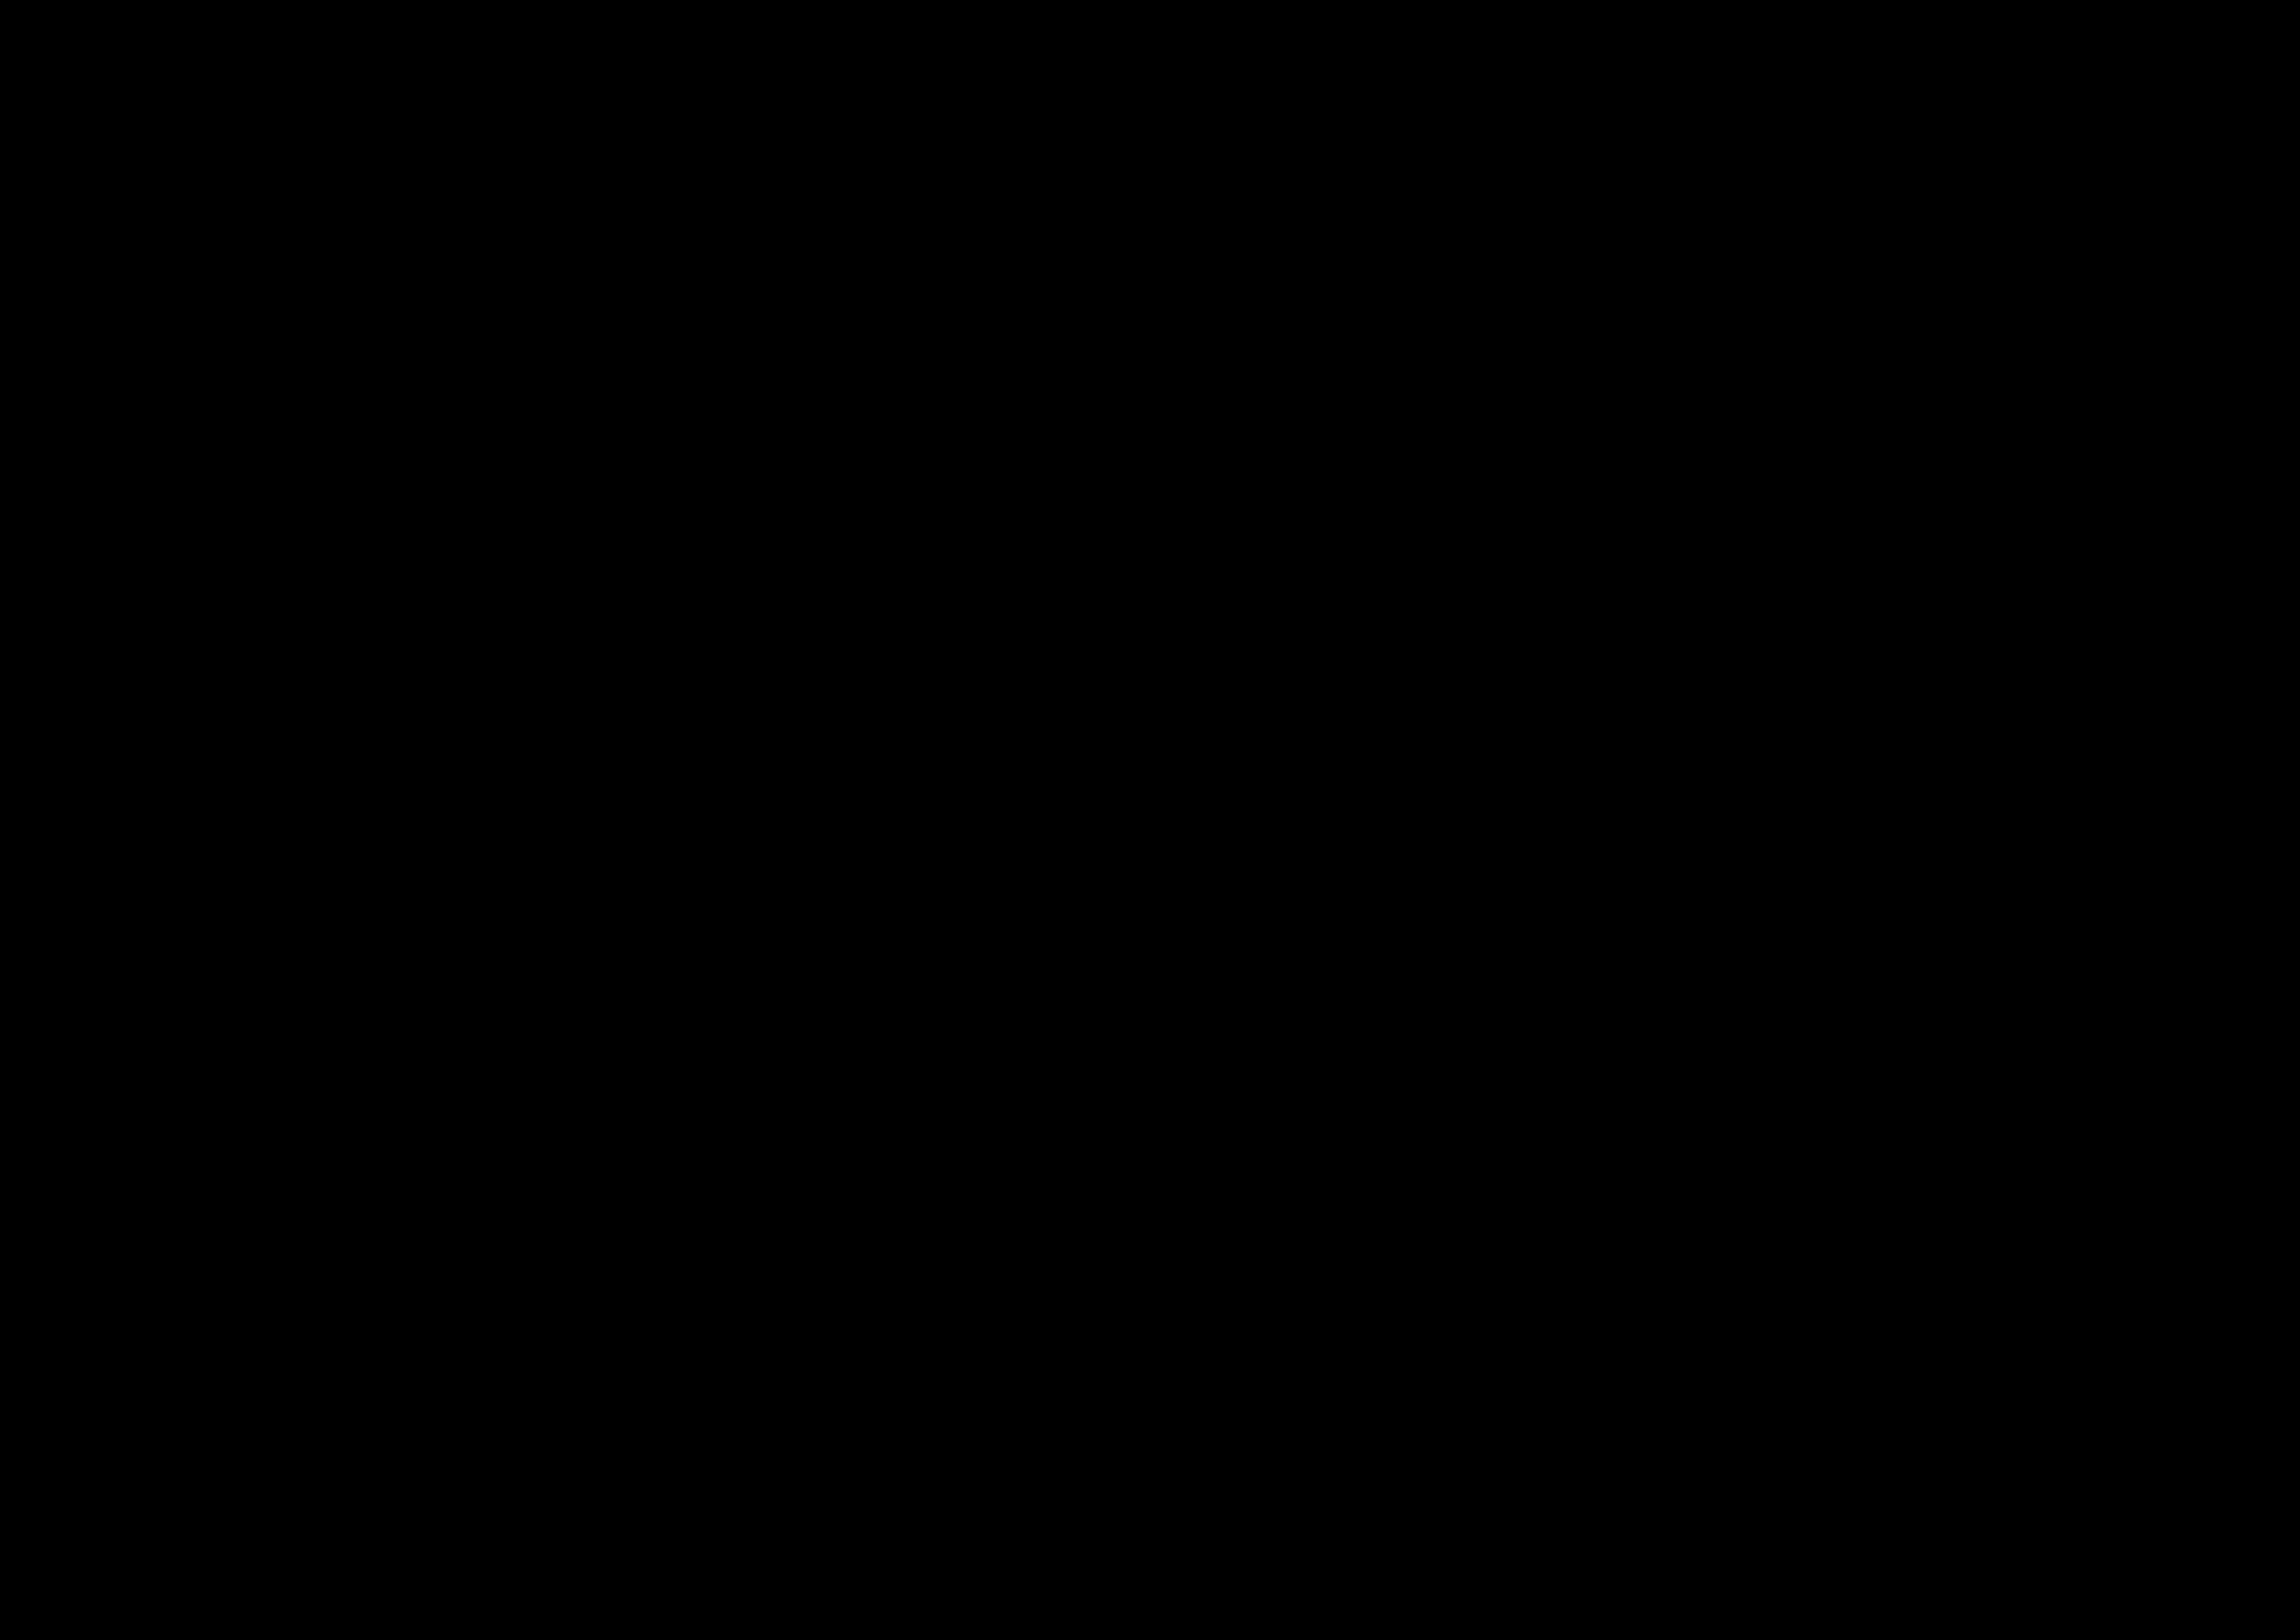 Obědy - Gastrofestival Hotelu Duo - výběr jídel